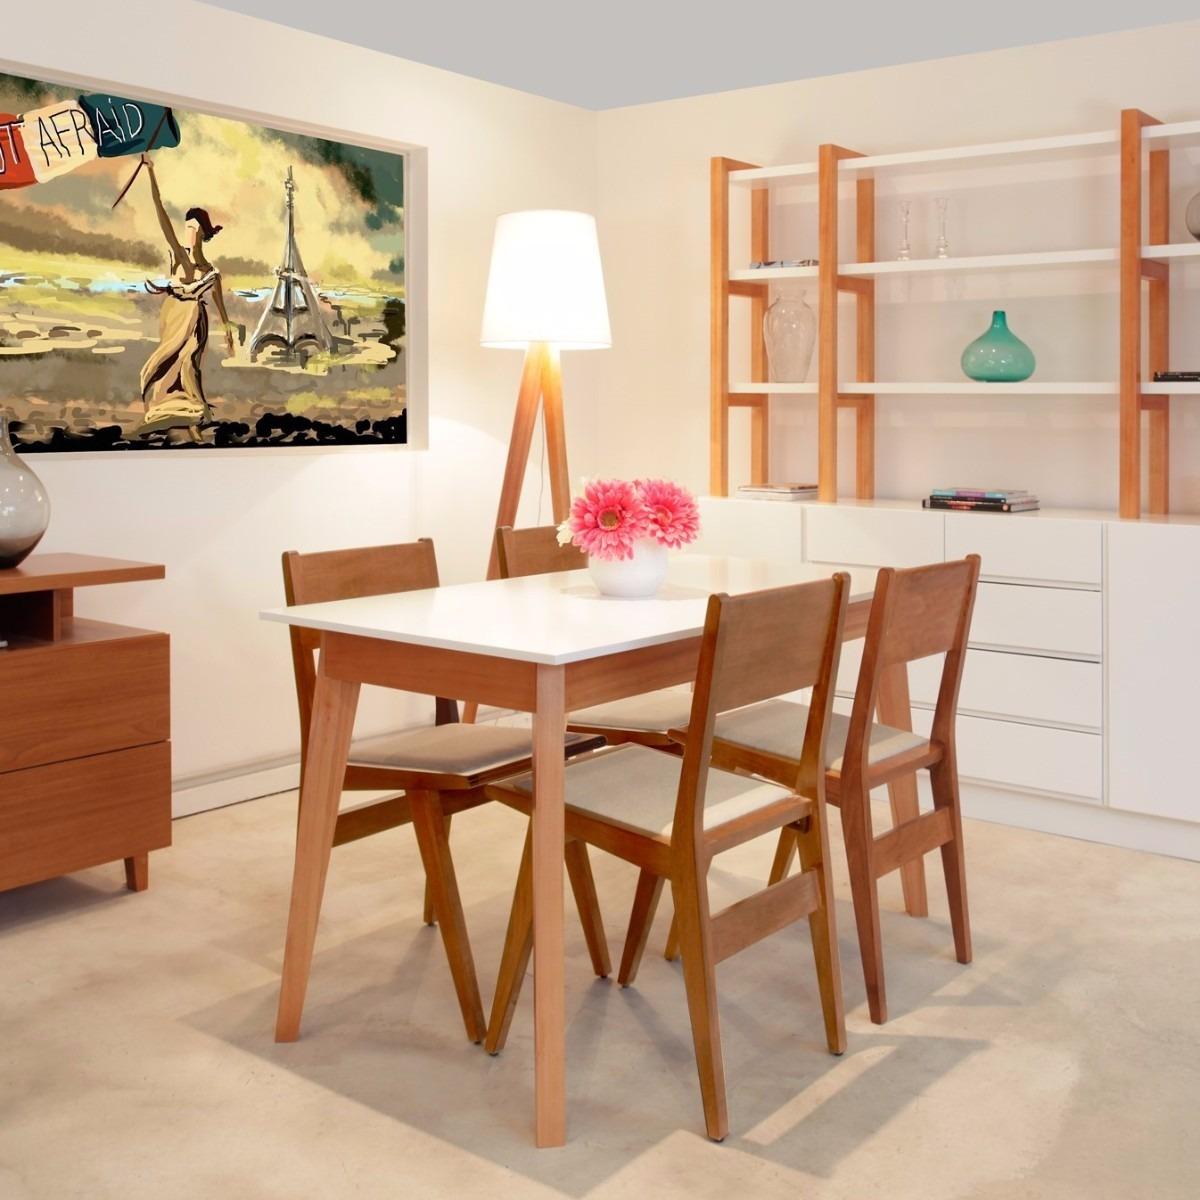 Muebles Madera Modernos Ucf Moderno Comedor De Madera De Roble  # Muebles Jalisco Tonala